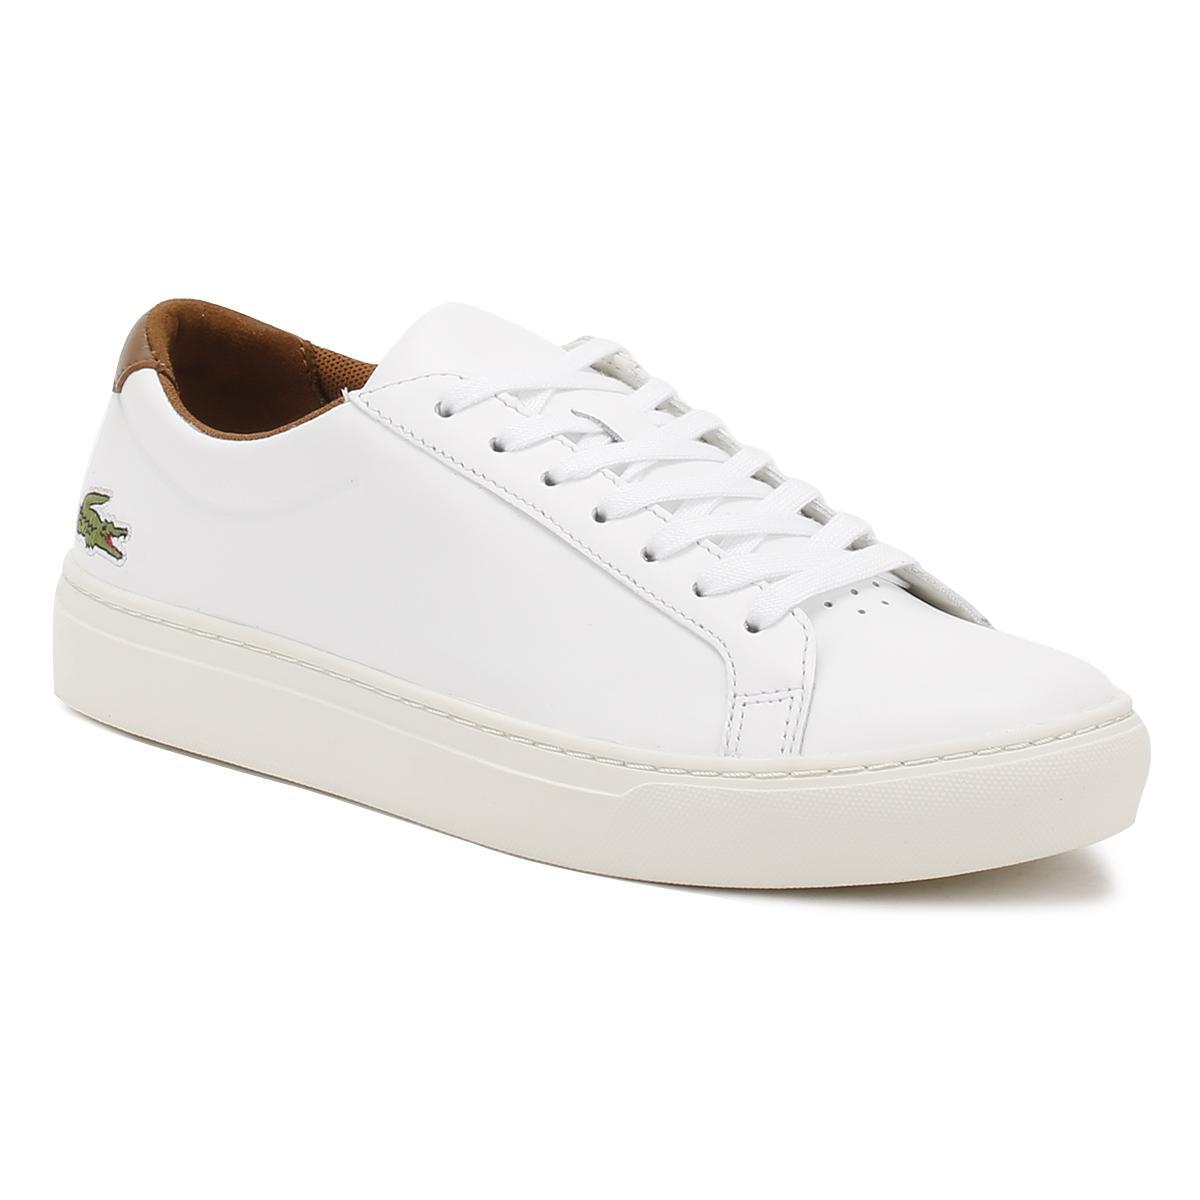 Camborne Strap Sneakers - Grey/Off White Lacoste 8eJ0PZUE